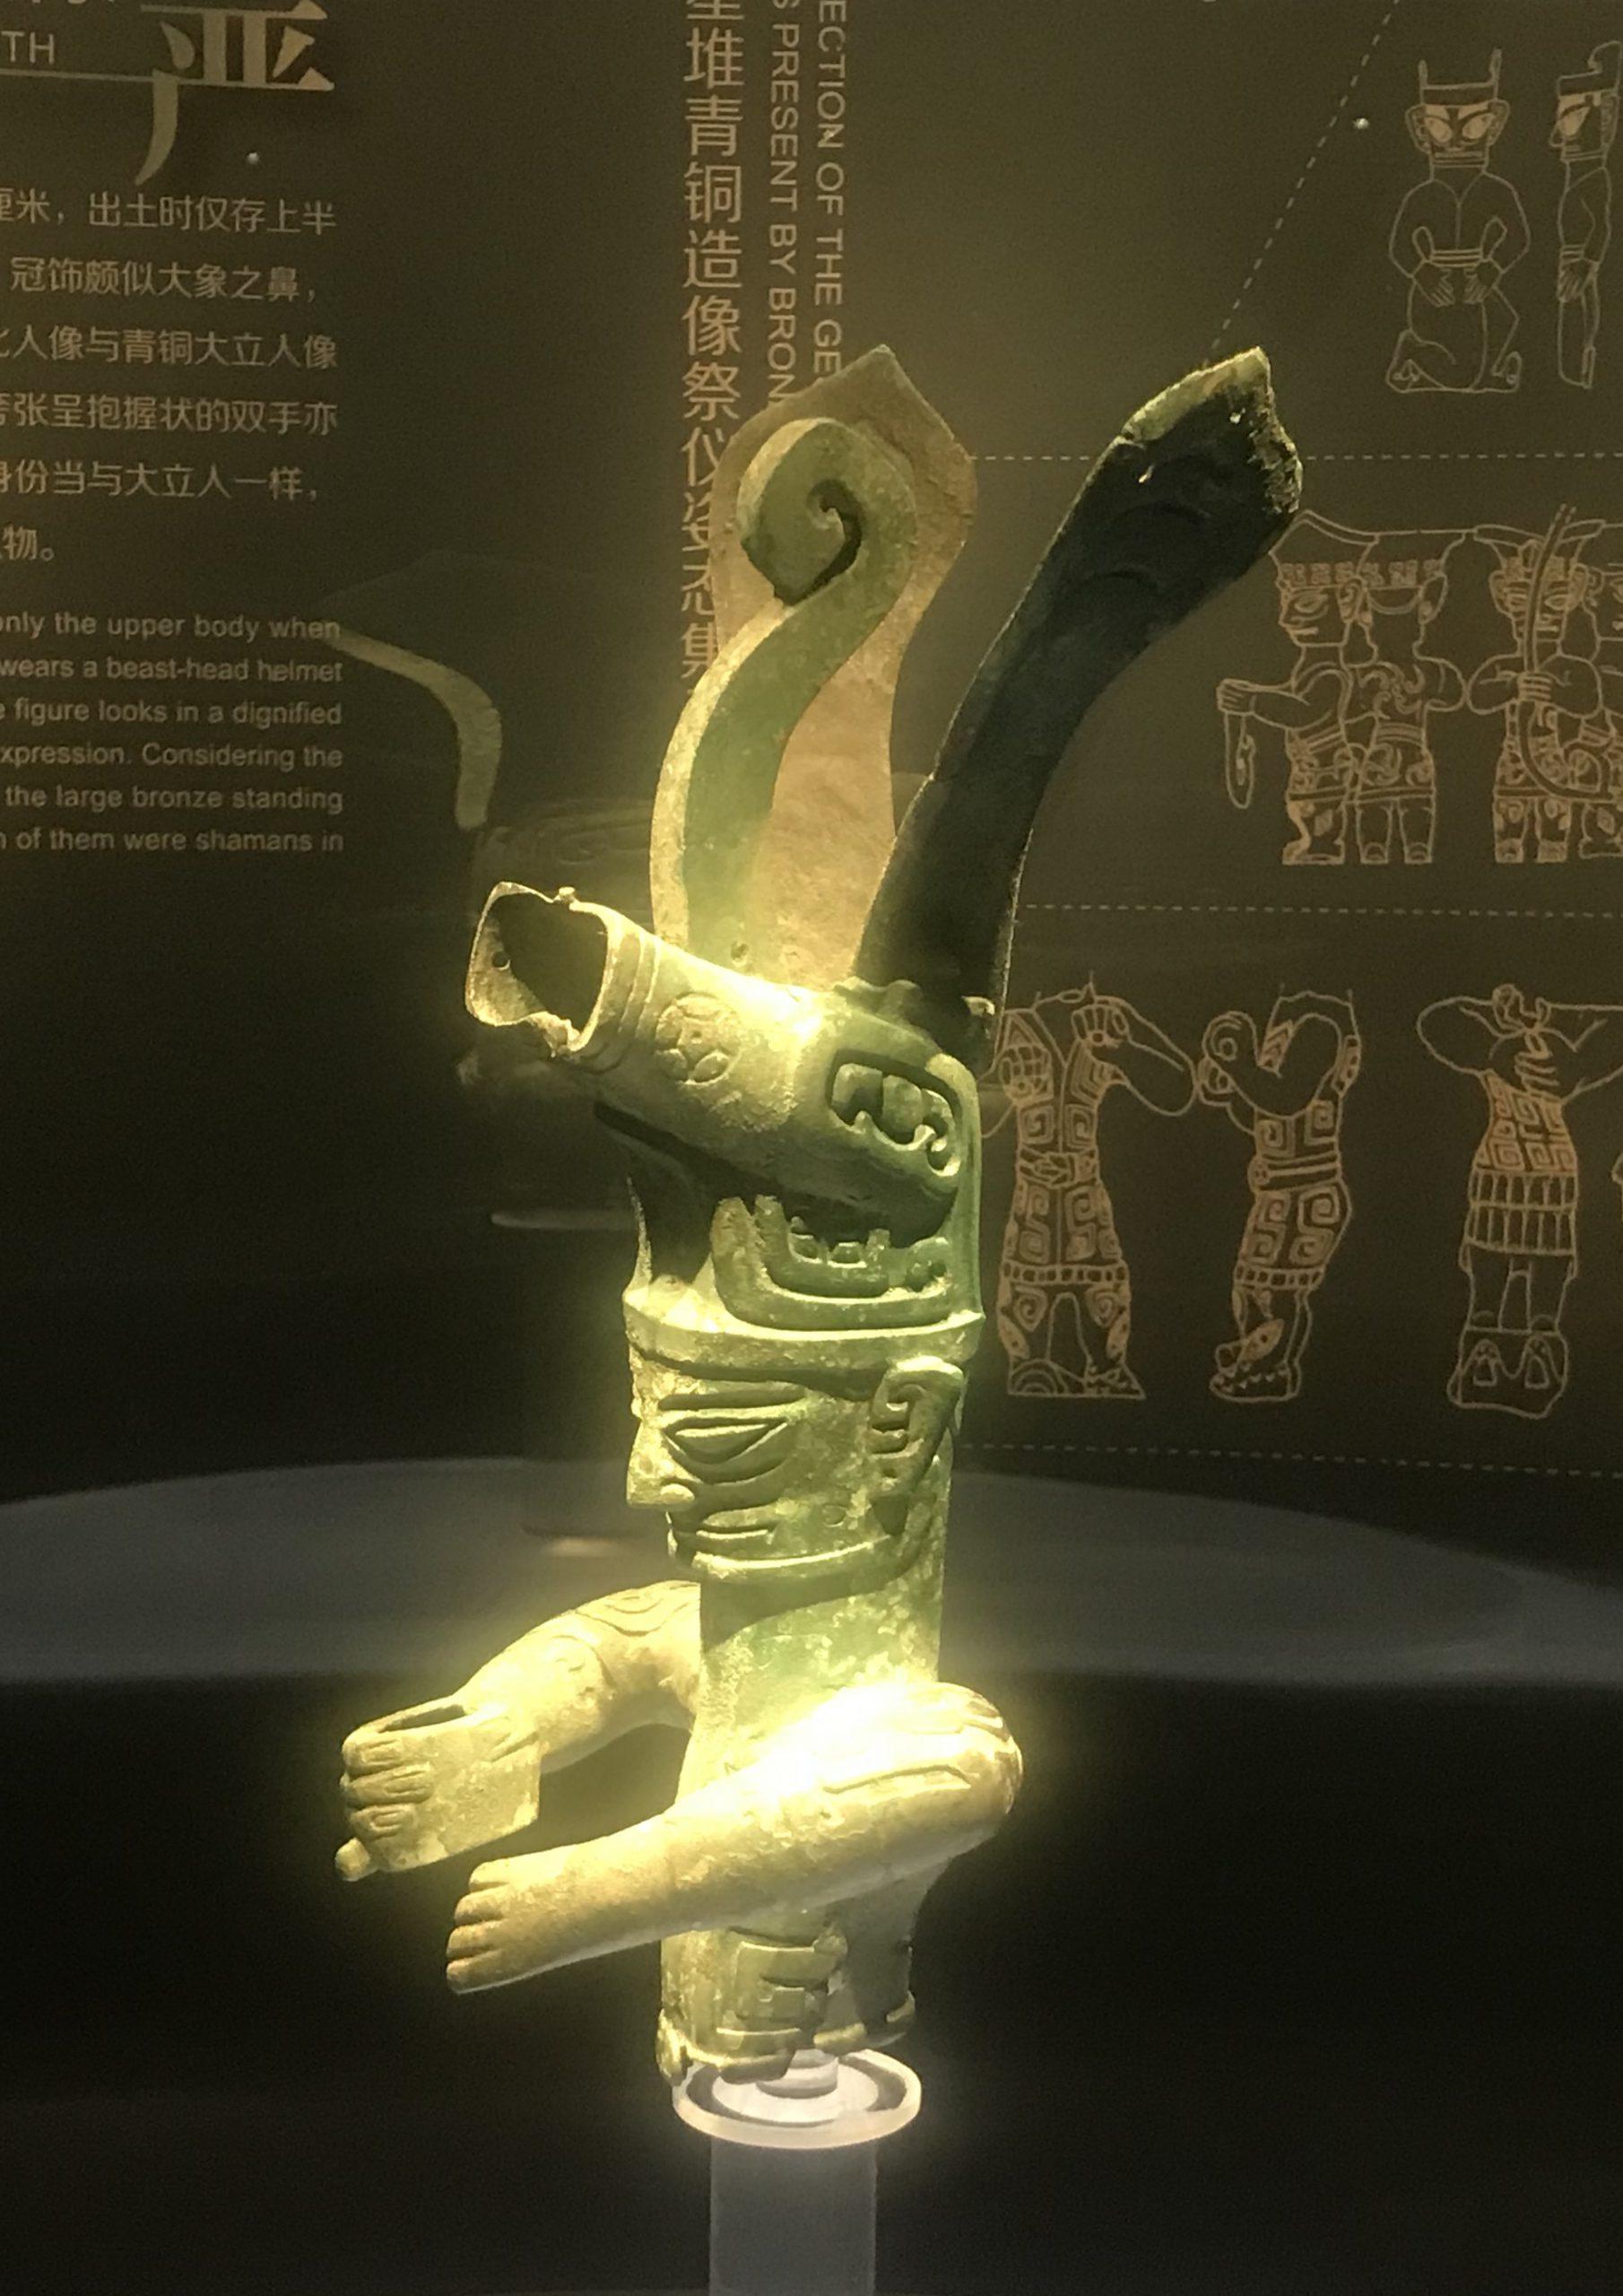 獣冠人物像-青銅器館-三星堆博物館-広漢市-徳陽市-四川省